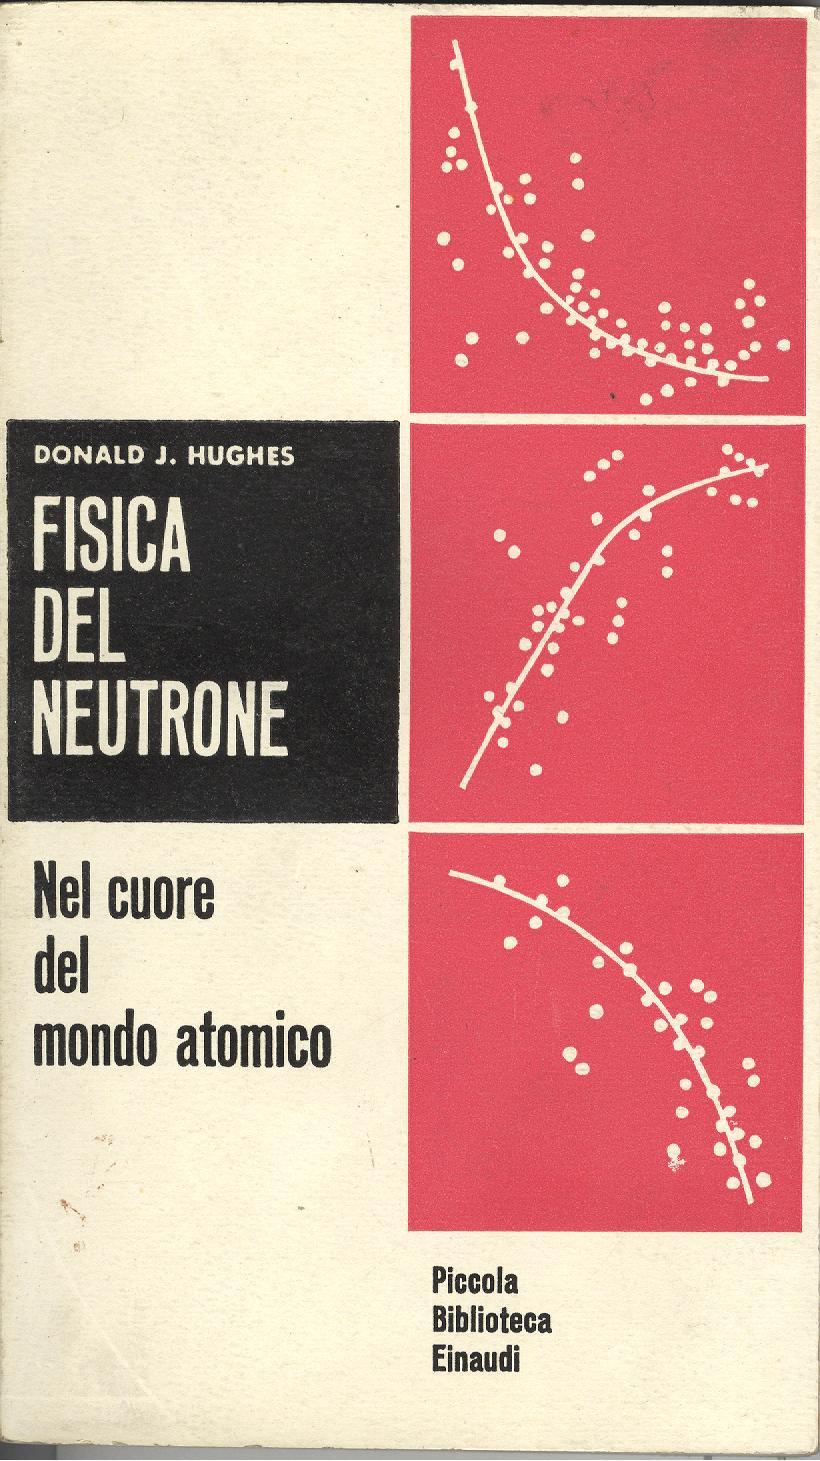 Fisica del neutrone